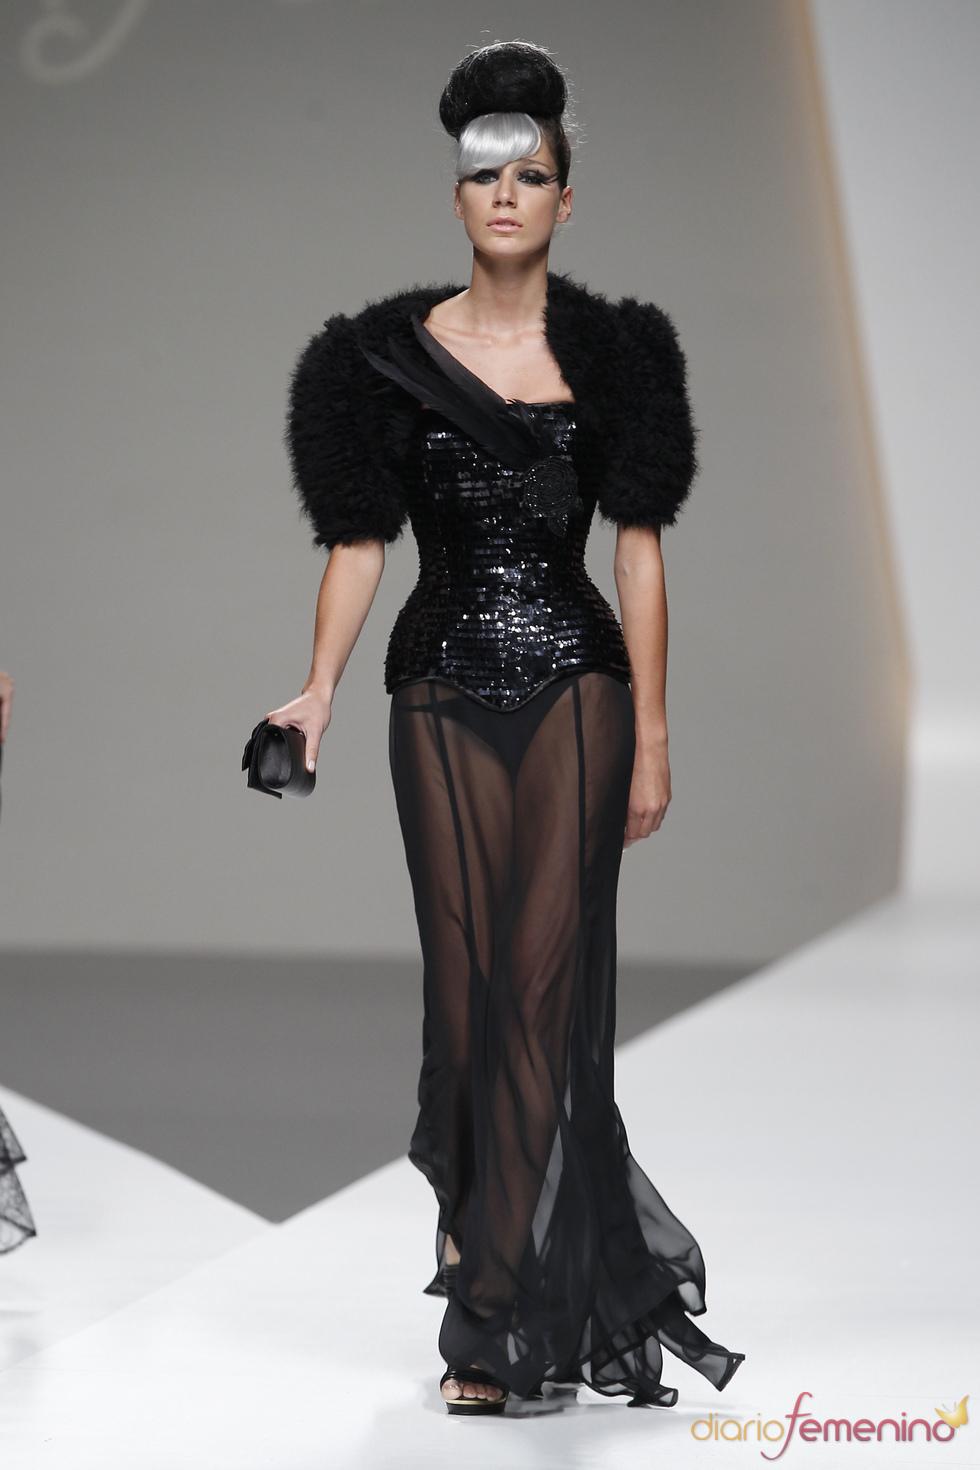 Maya Hansen deslumbra al público con este corsé brillante en la Madrid Fashion Week